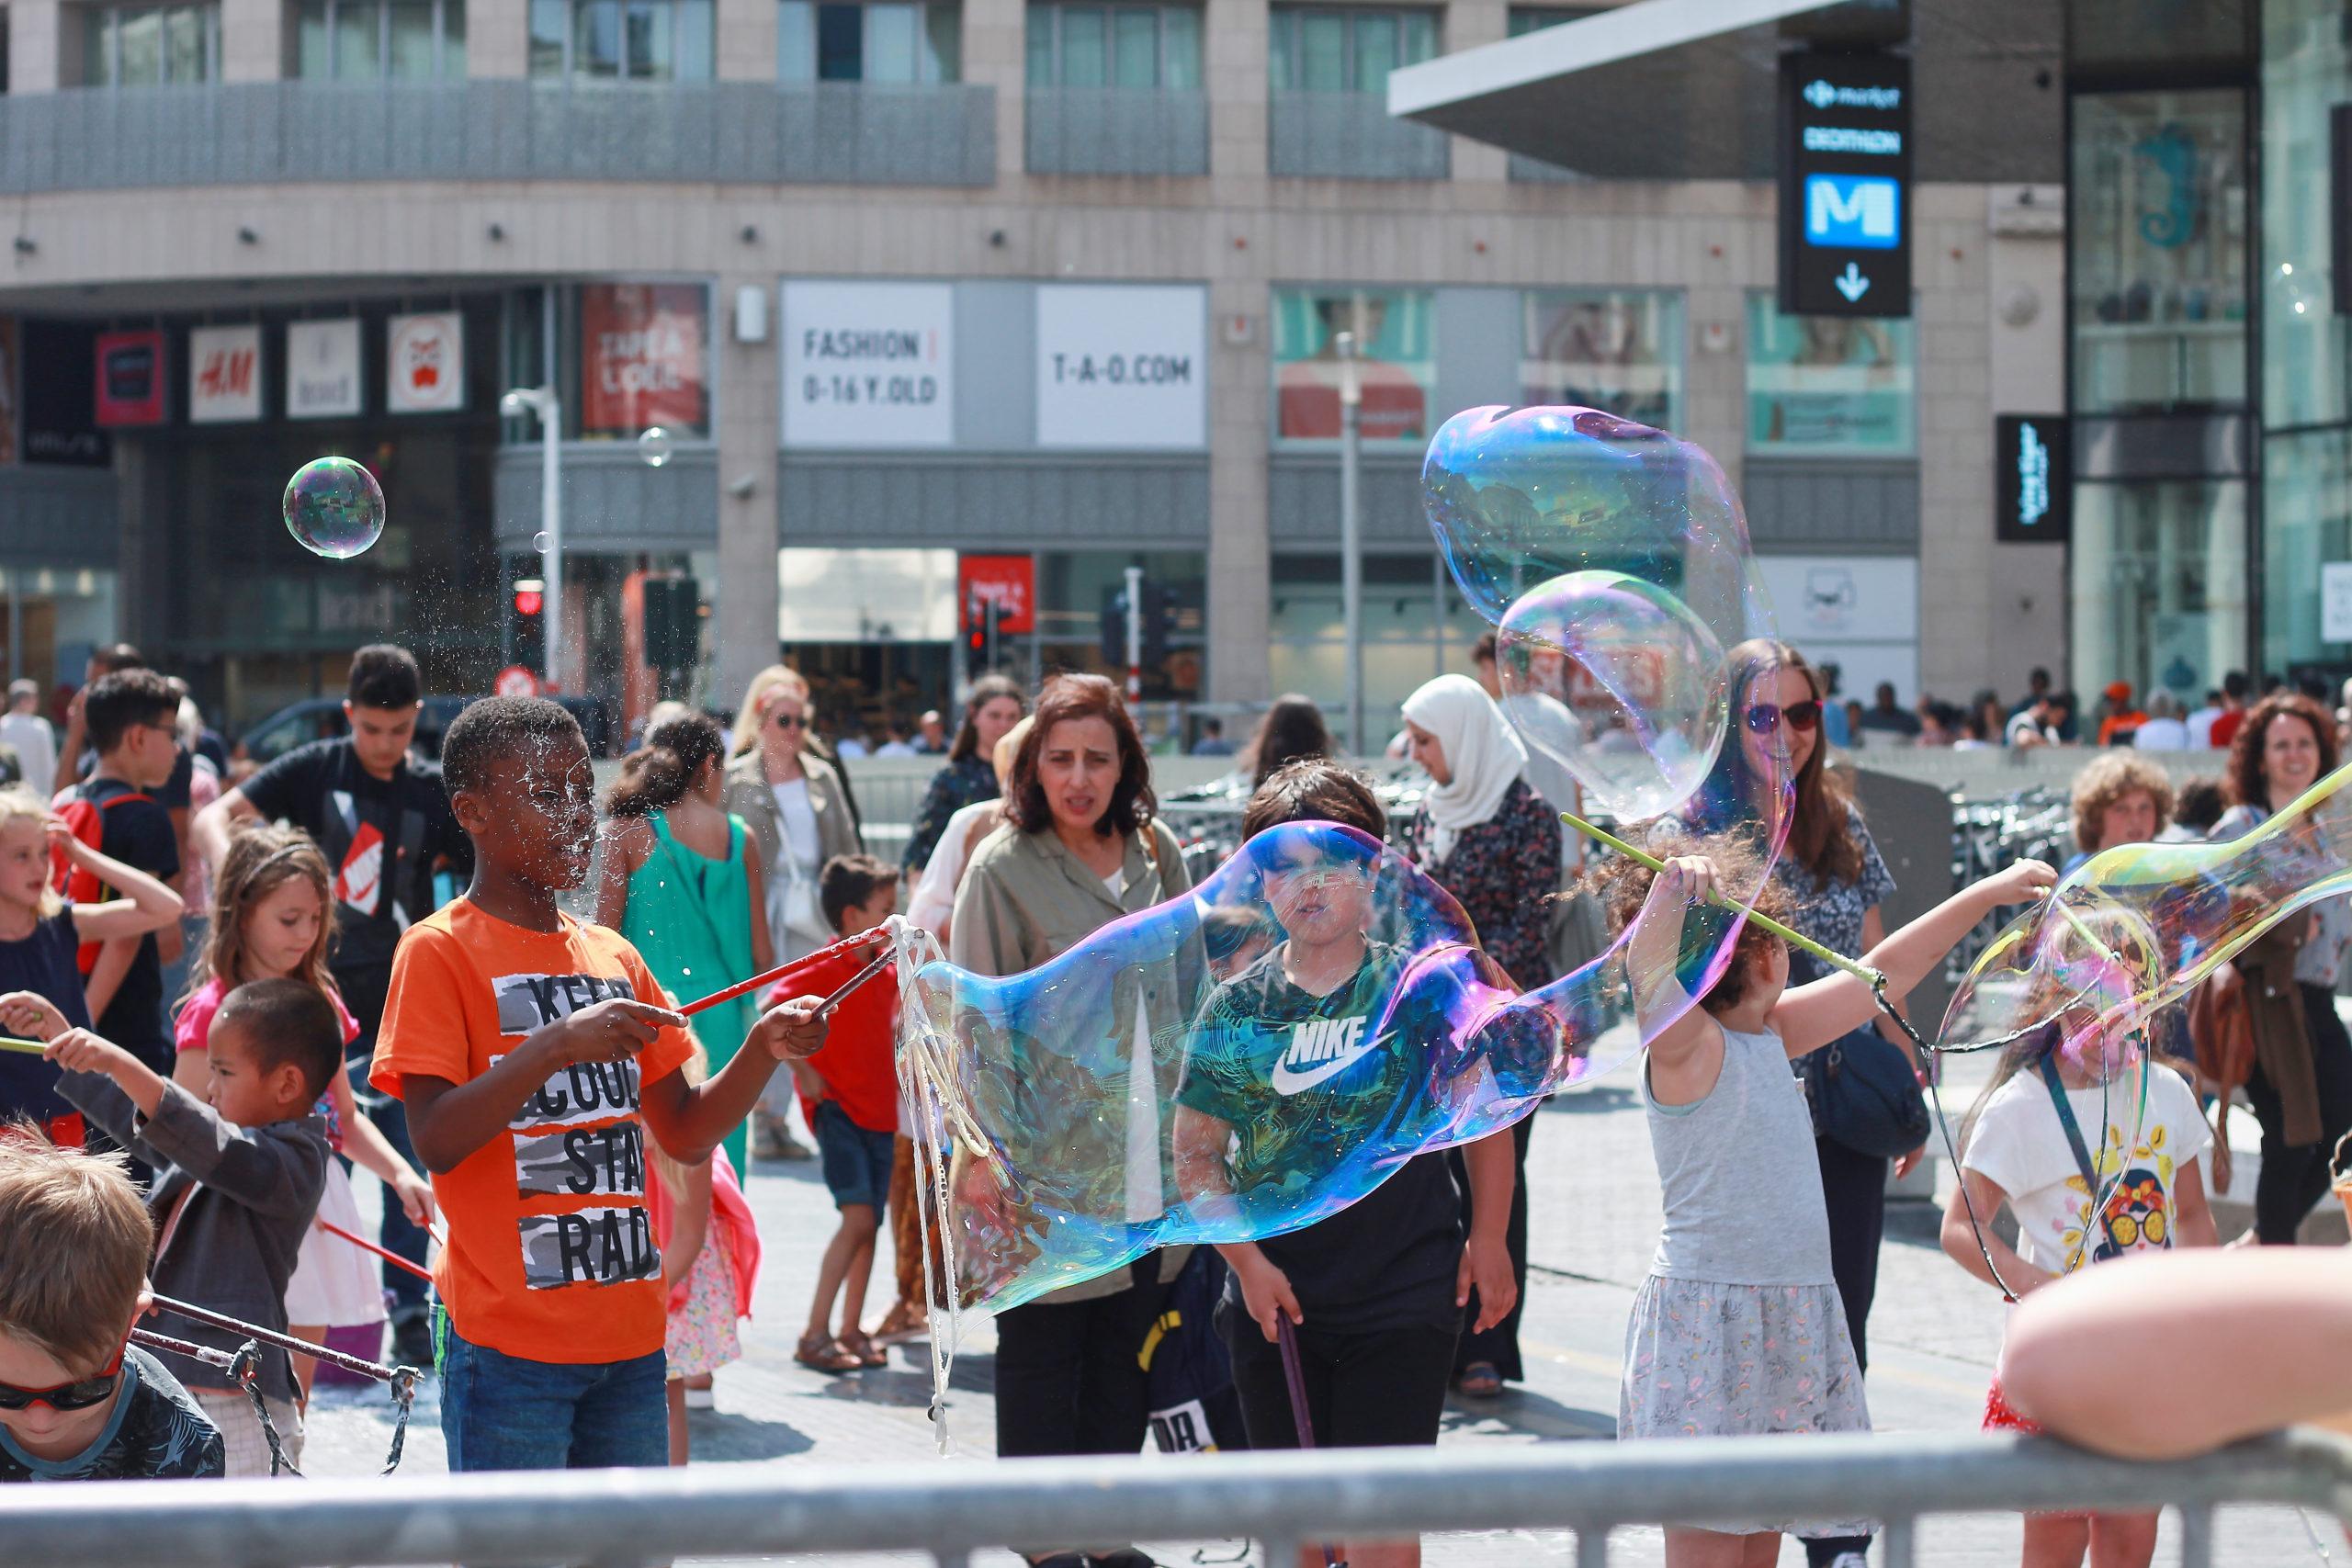 Enfants dans le centre ville de Bruxelles réalisant des bulles de savon XXL